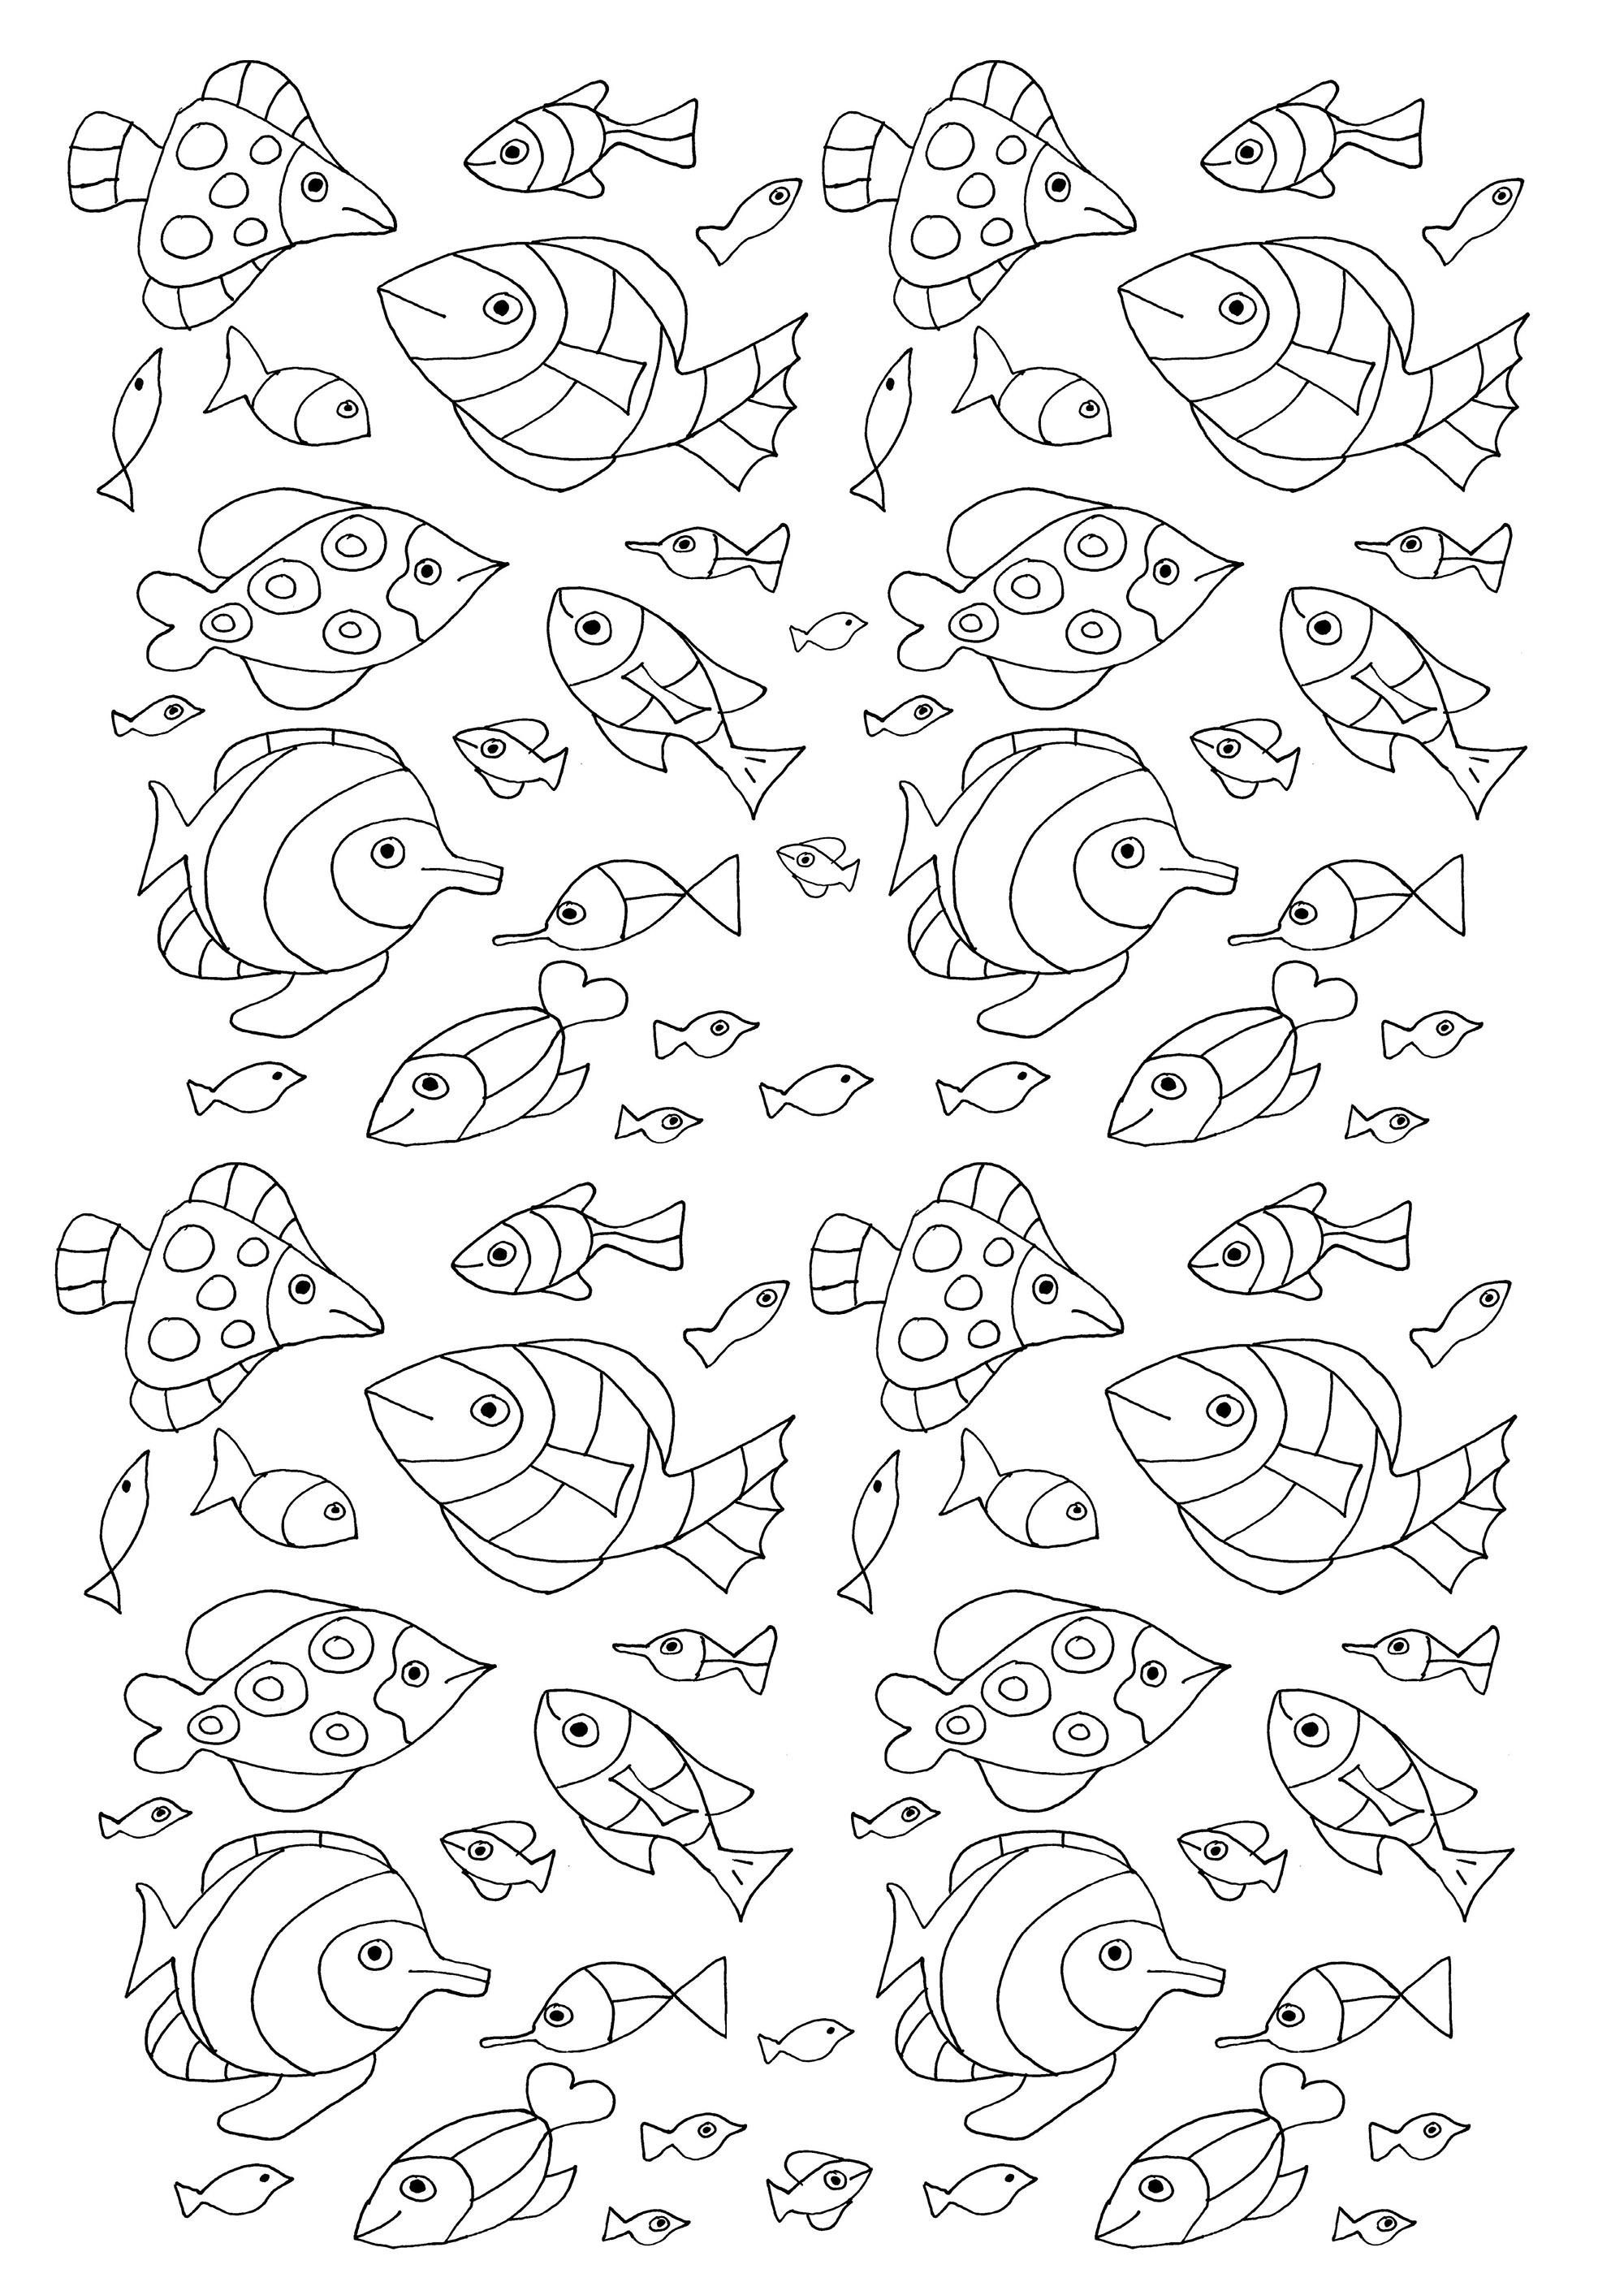 Gratuit 100 poissons poissons coloriages difficiles pour adultes - Poisson a imprimer gratuitement ...